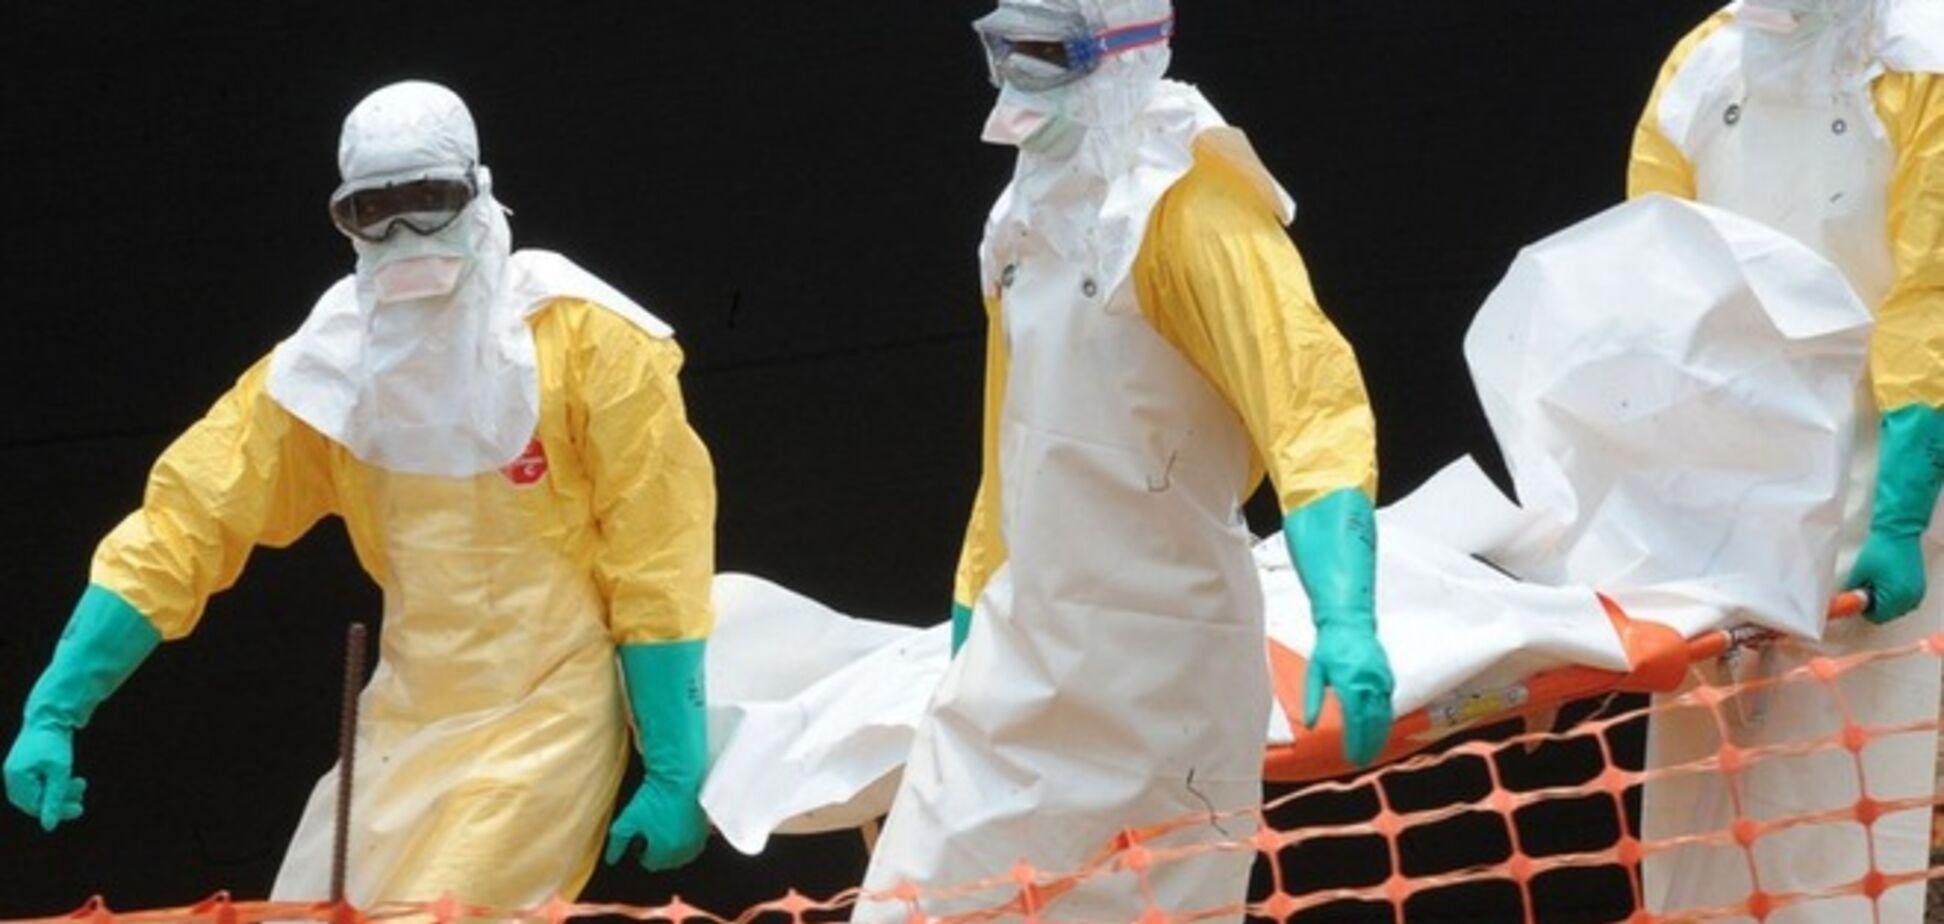 ВООЗ оголосила надзвичайну ситуацію в світі через вірус Ебола